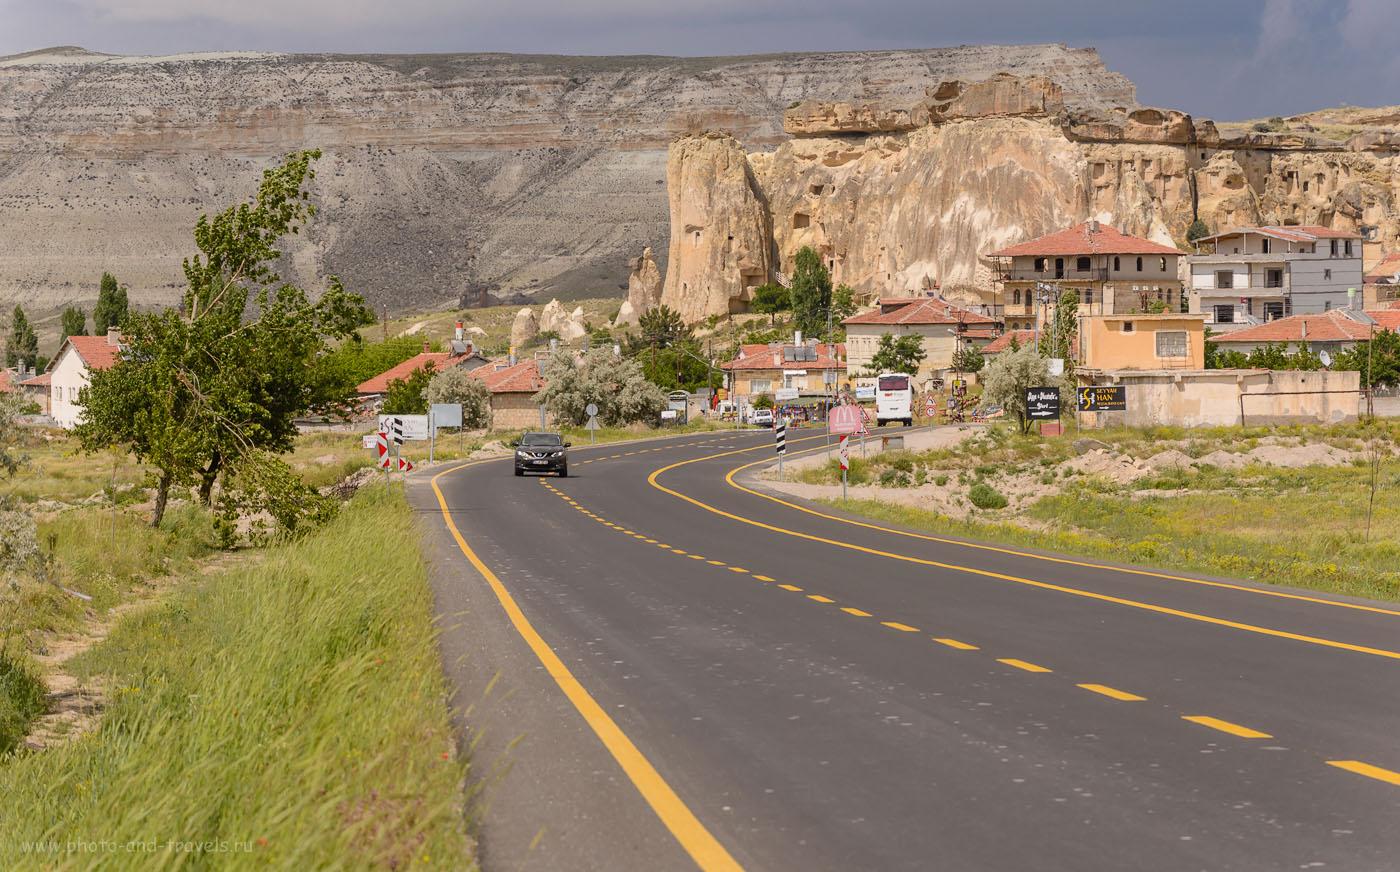 Фотография 5. Так выглядит бесплатная дорога в небольшом селении в Турции. Стоит ли путешествовать на авто? 1/400, -0.33, 8.0, 100, 155.